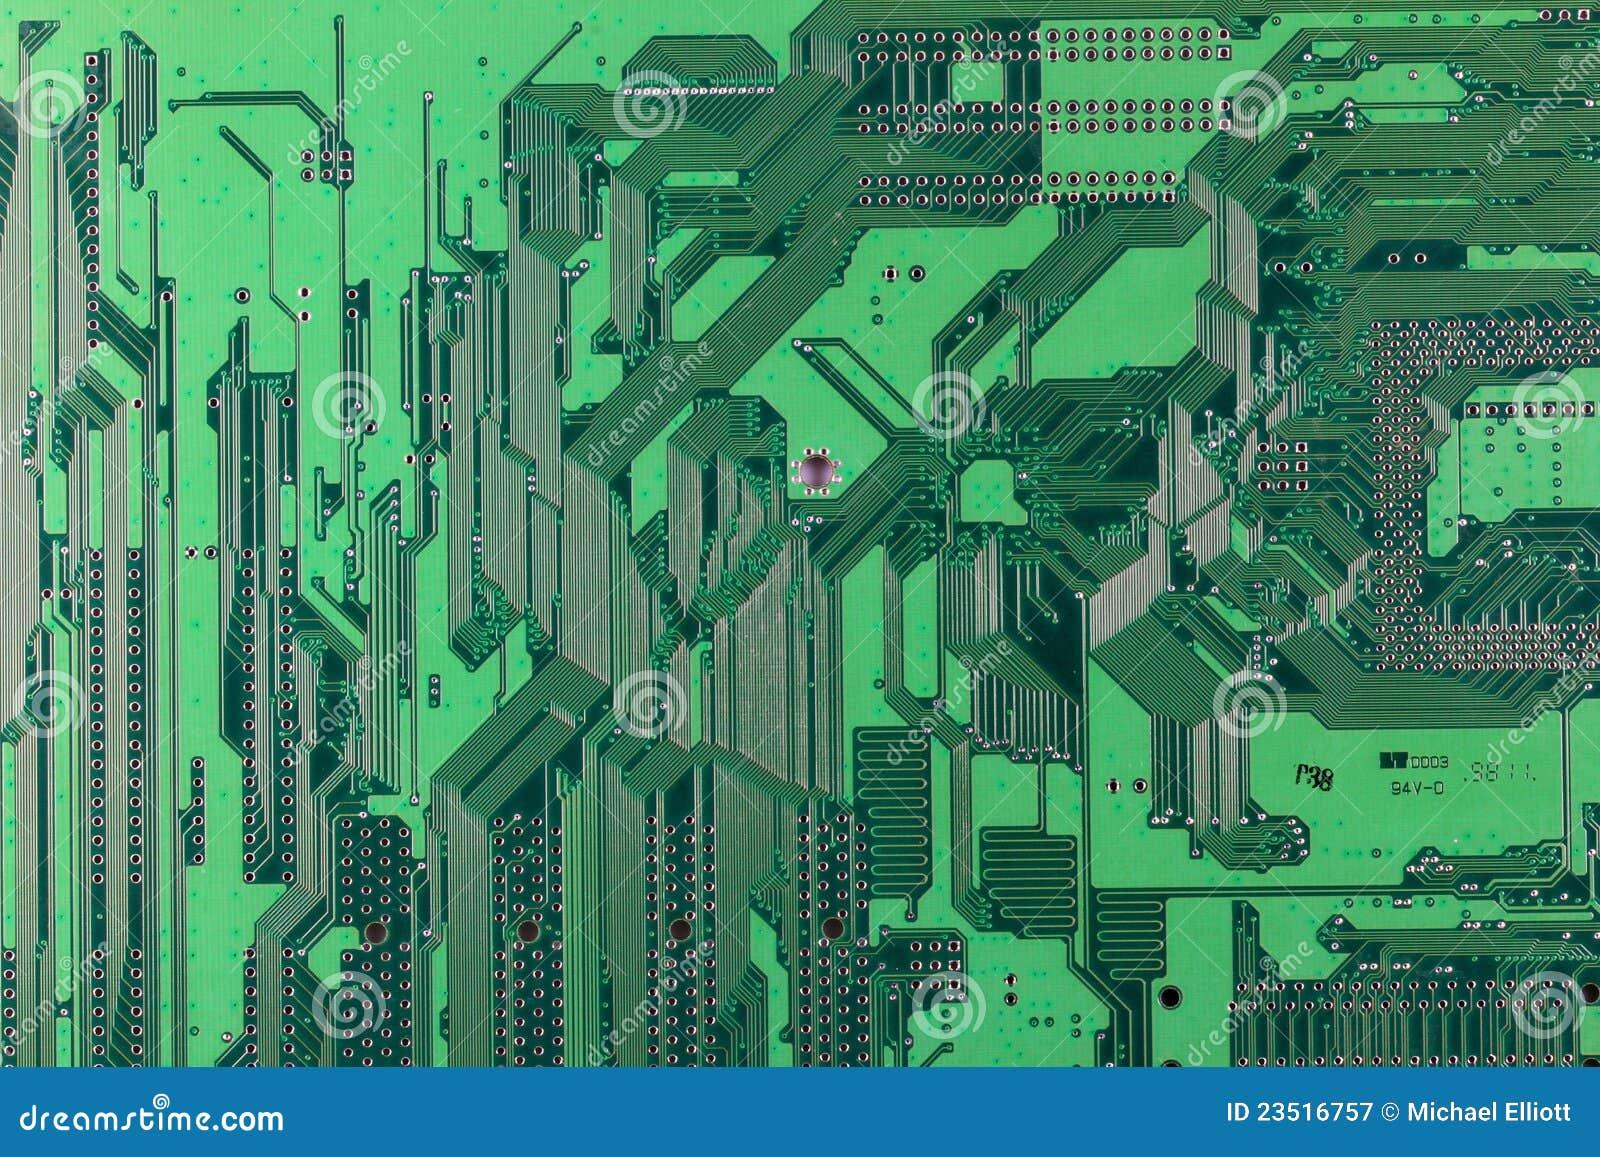 Circuito Impreso : Circuito impreso imagen de archivo imagen de dispositivo